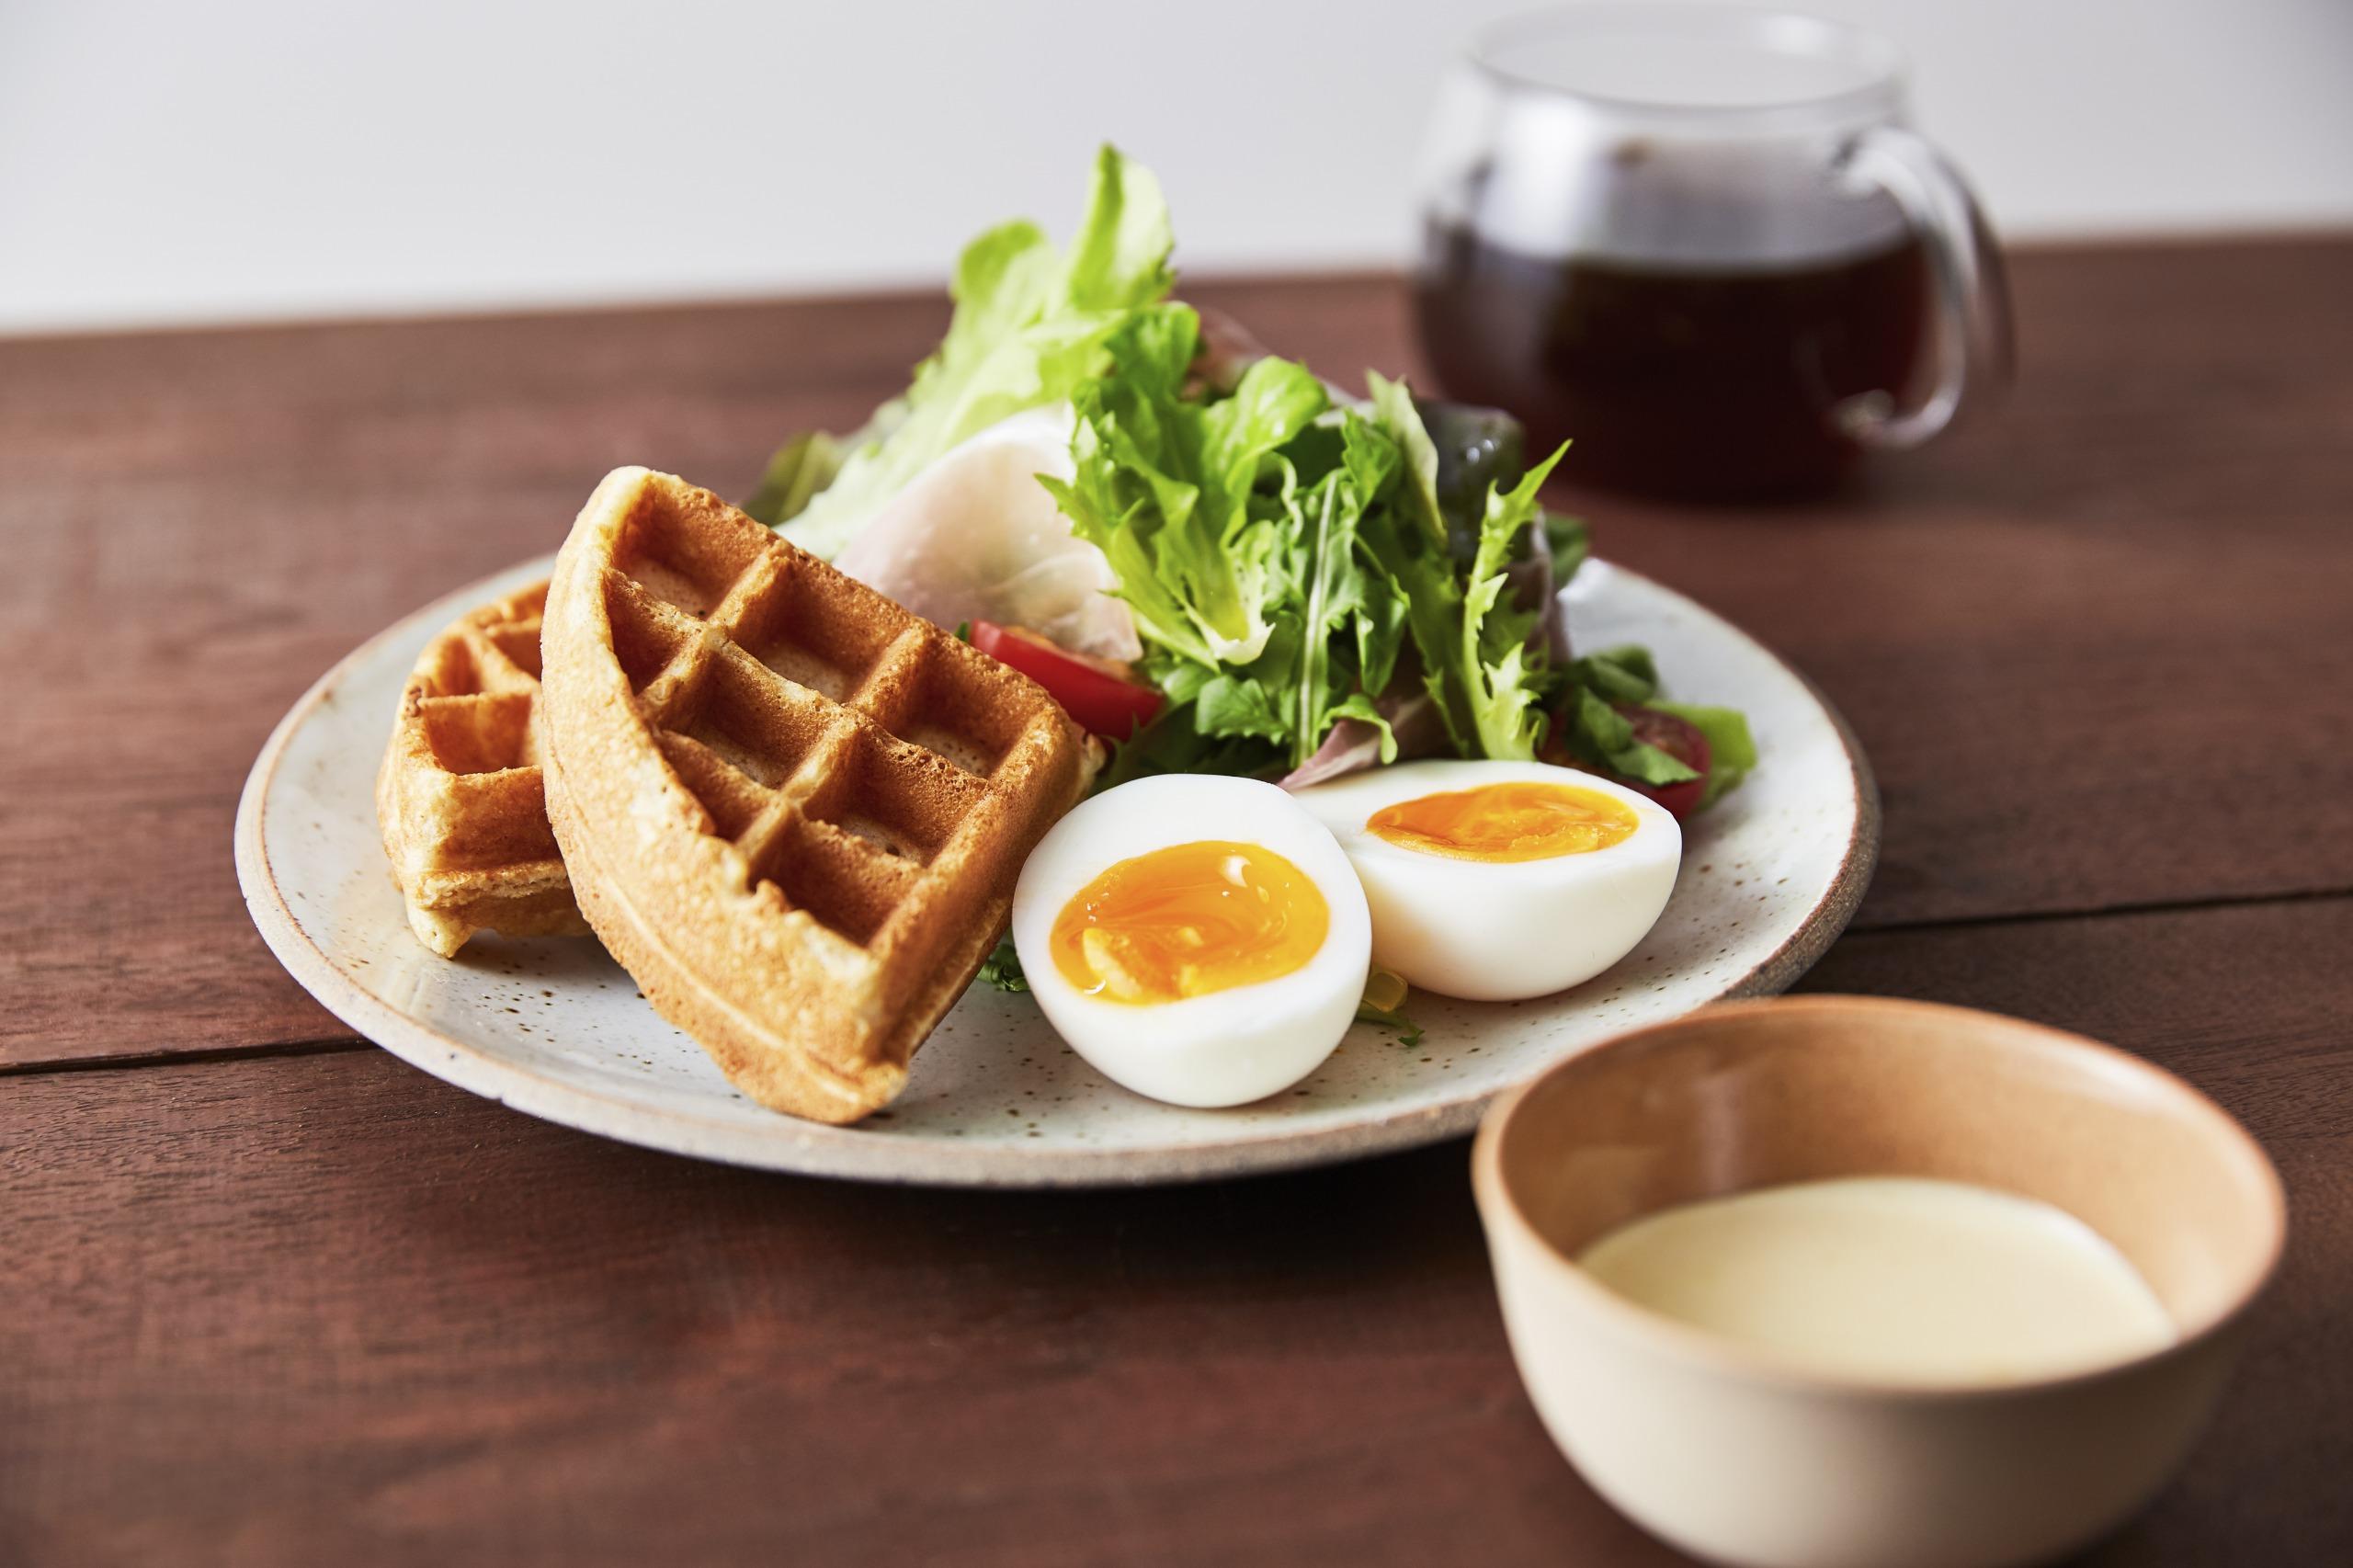 ブルーボトルコーヒー 渋谷カフェのブランチプレート (850円)